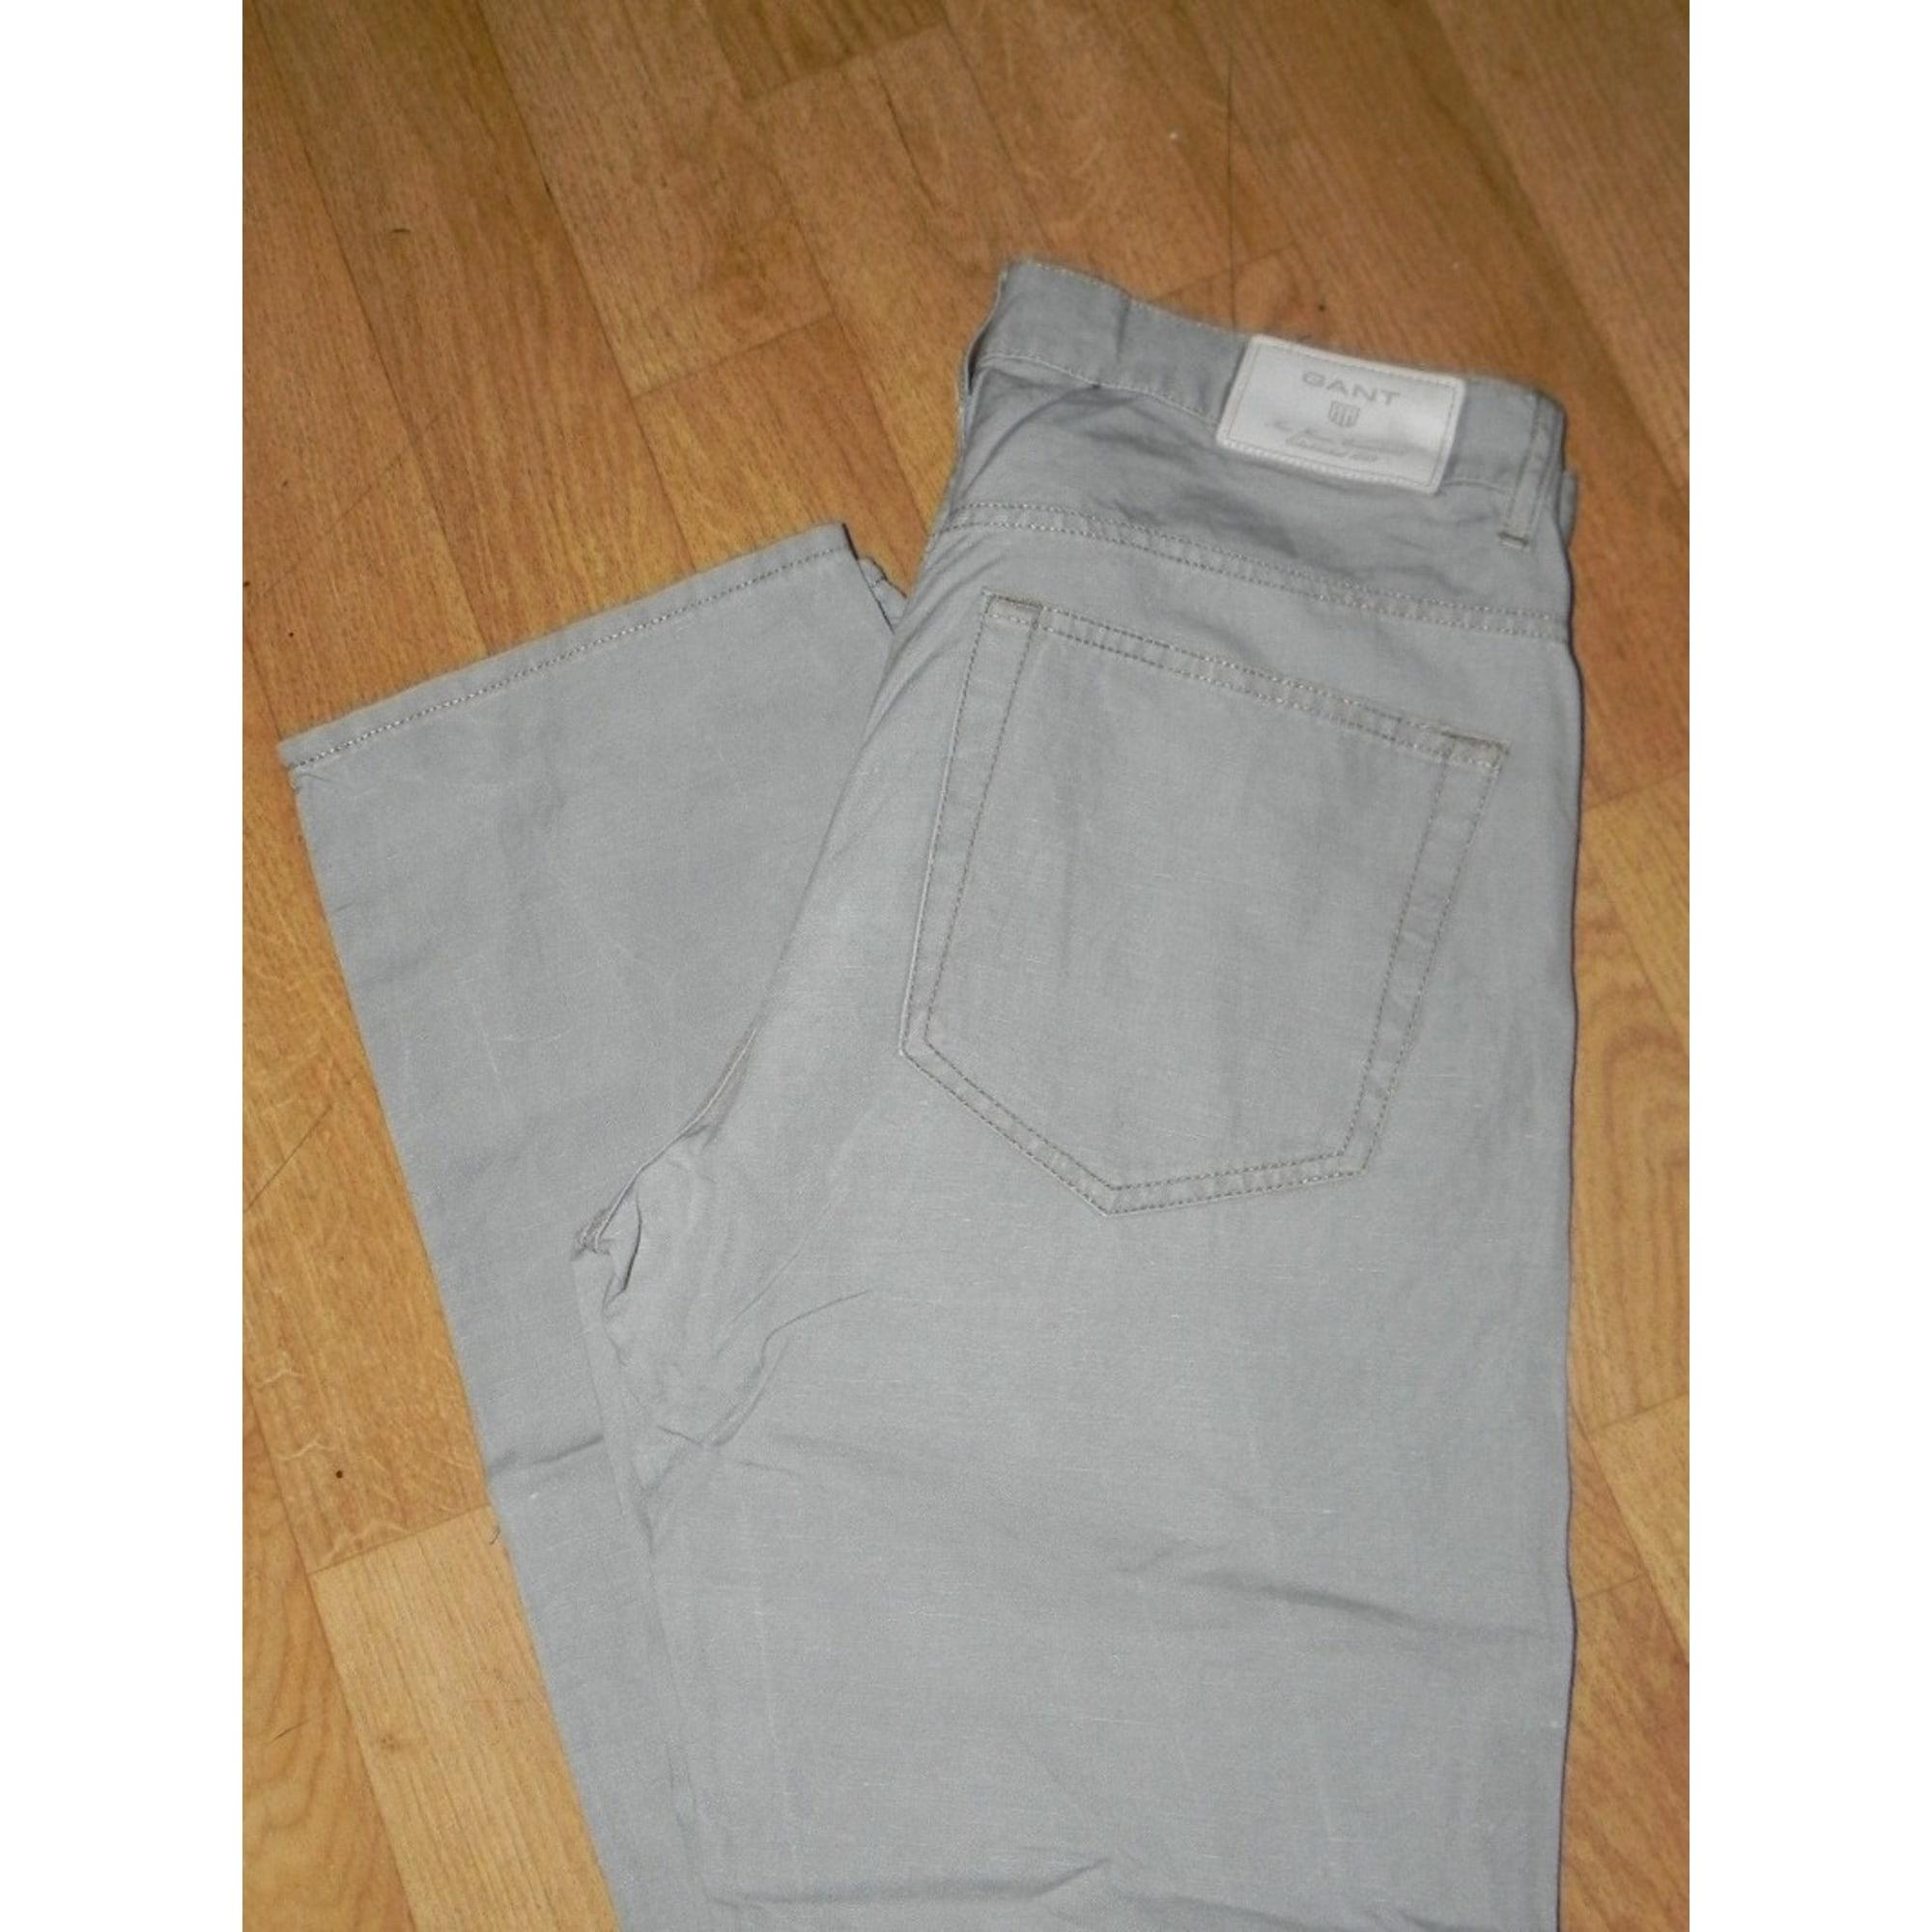 Jeans droit GANT Gris, anthracite